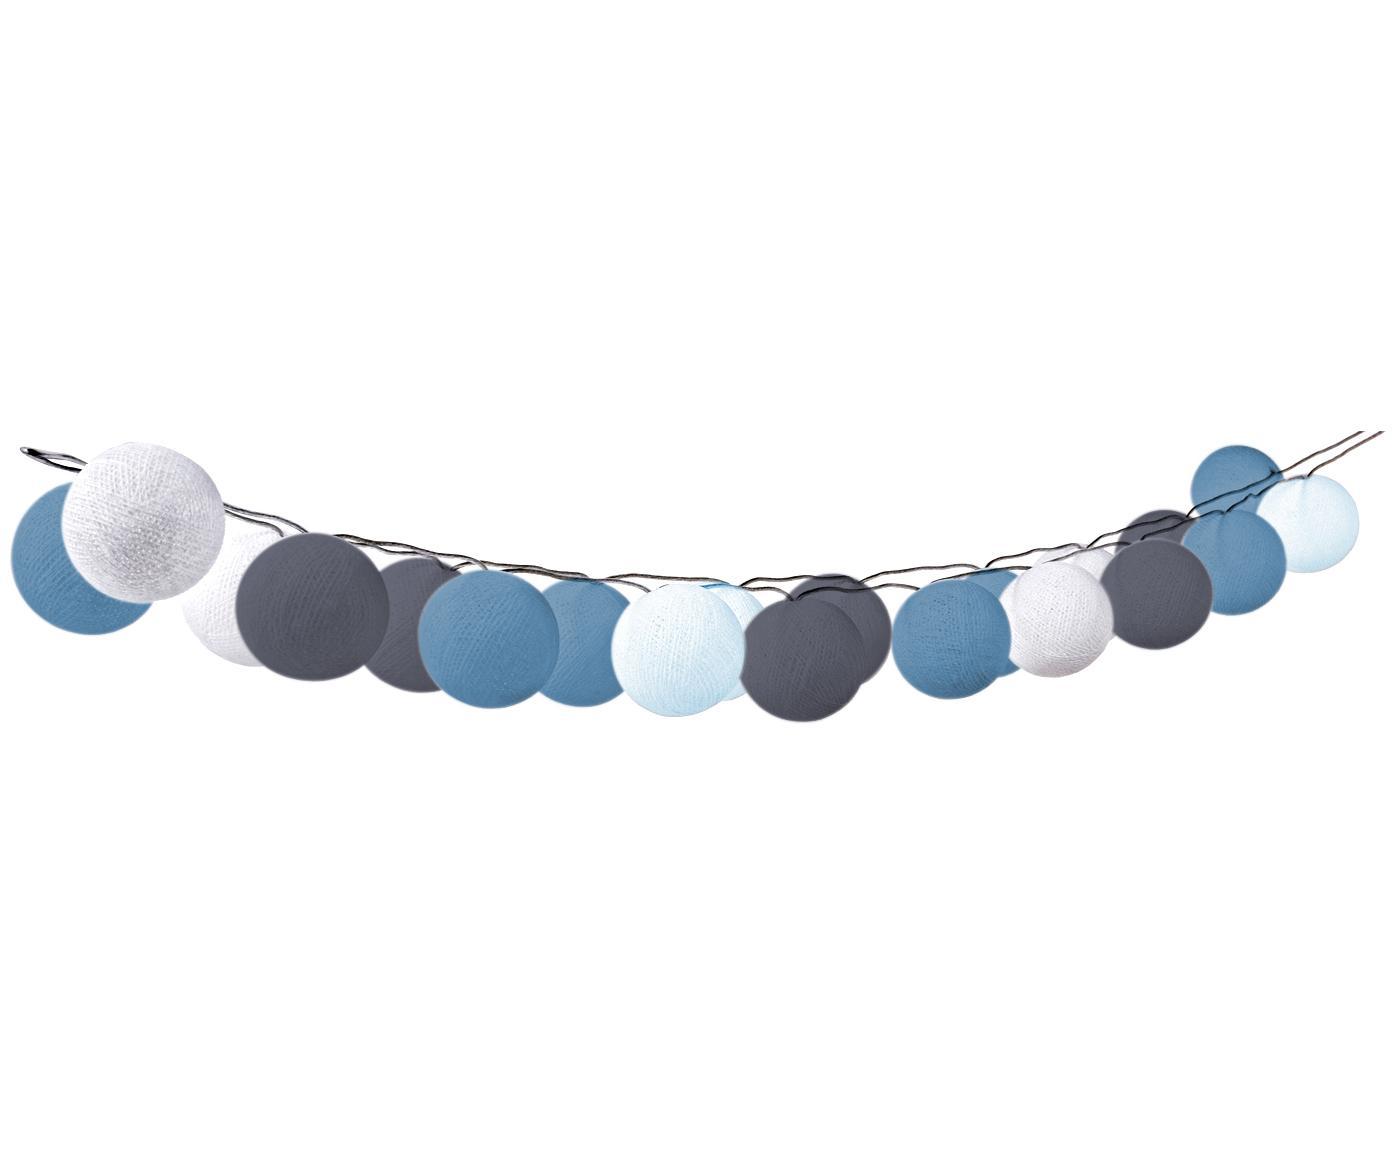 Girlanda świetlna LED Bellin, 320 cm, Niebieski, jasny niebieski, ciemny niebieski, biały, D 320 cm